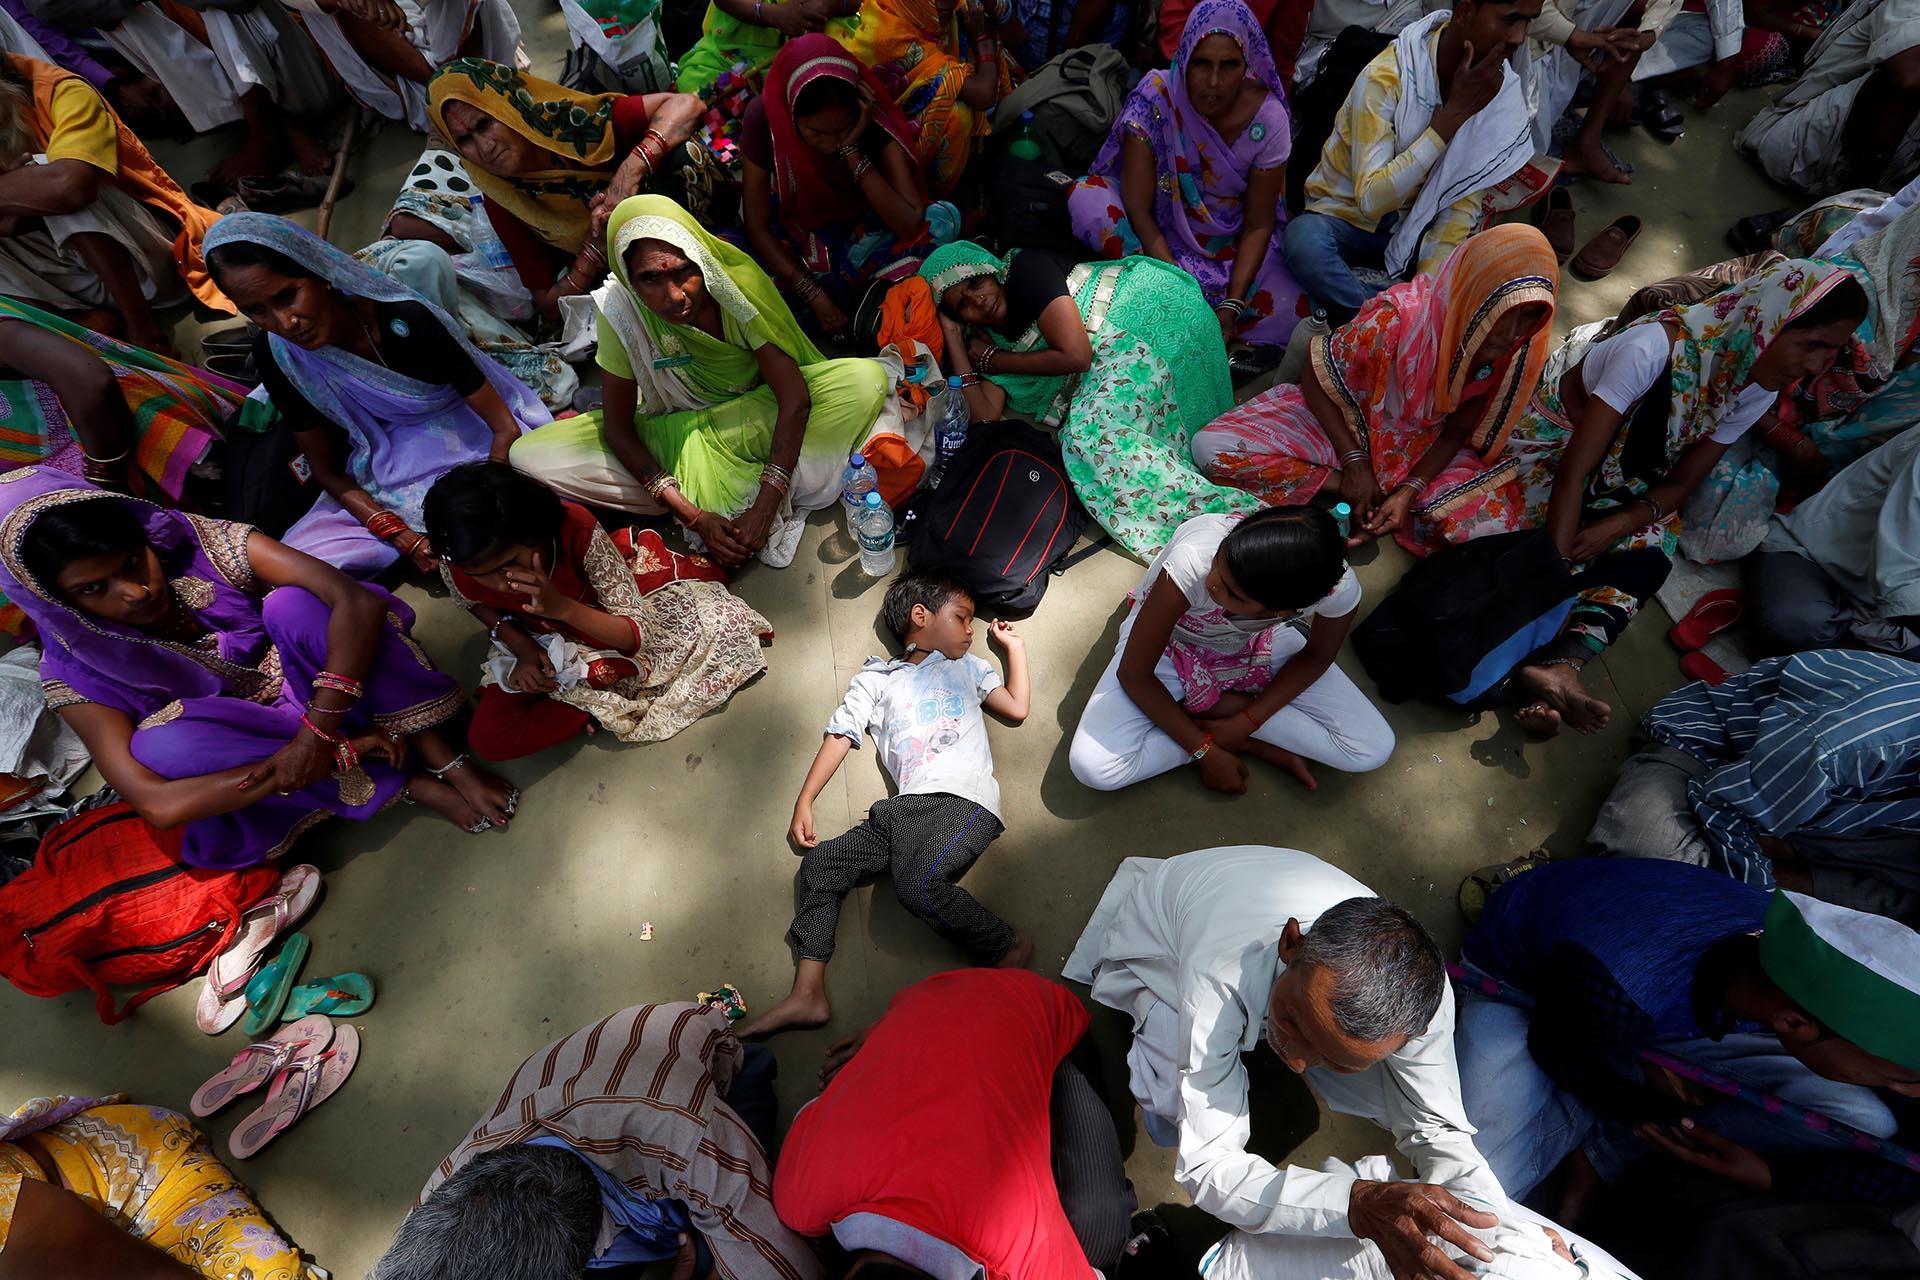 Un niño duerme mientras los agricultores asisten a una protesta contra el asesinato de seis campesinos durante los enfrentamientos de la semana pasada en el estado de Madhya Pradesh, en Nueva Delhi, India